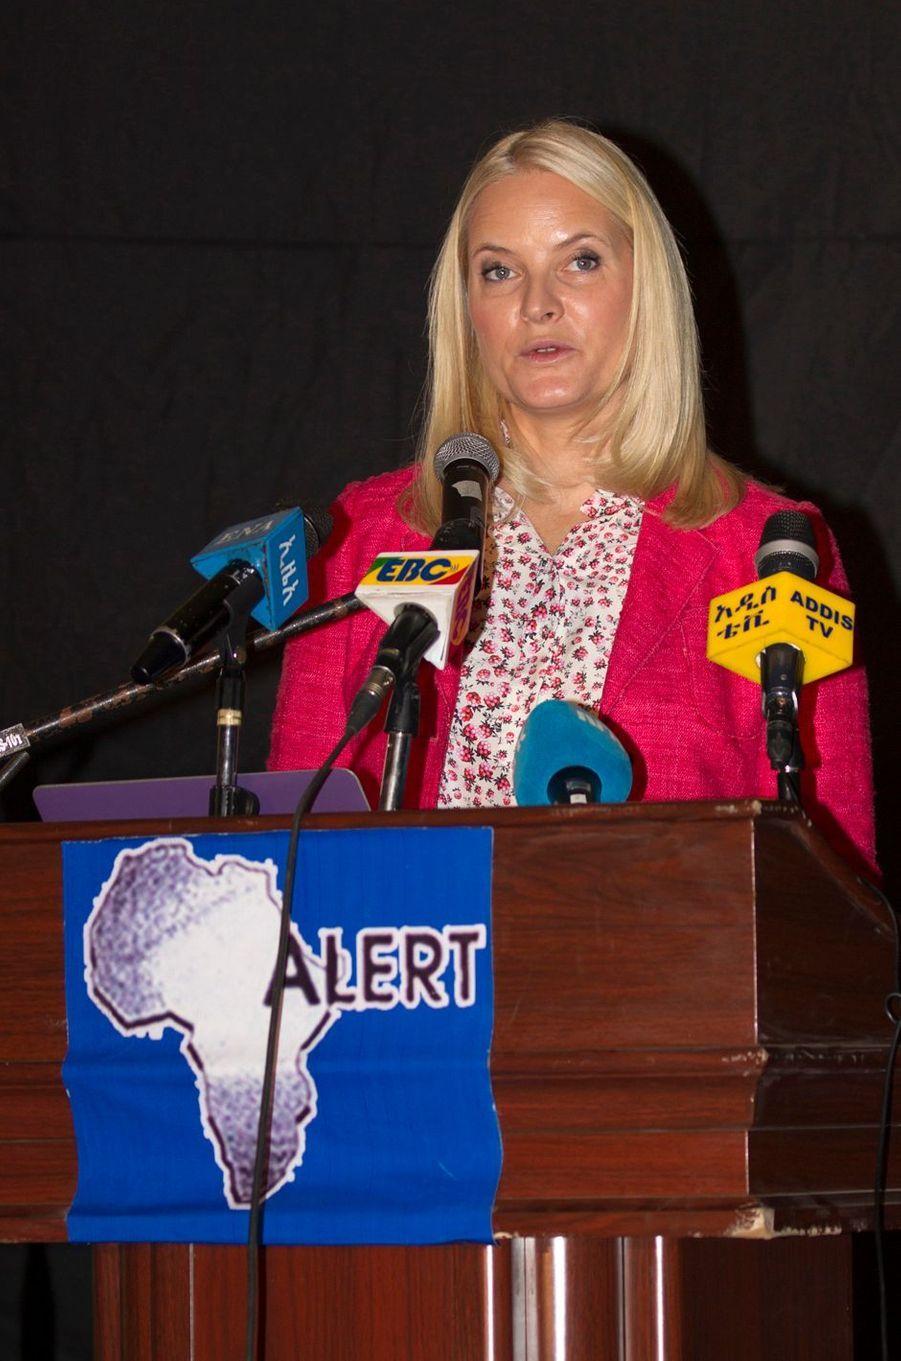 La princesse Mette-Marit de Norvège à Addis-Abeba, le 8 novembre 2017